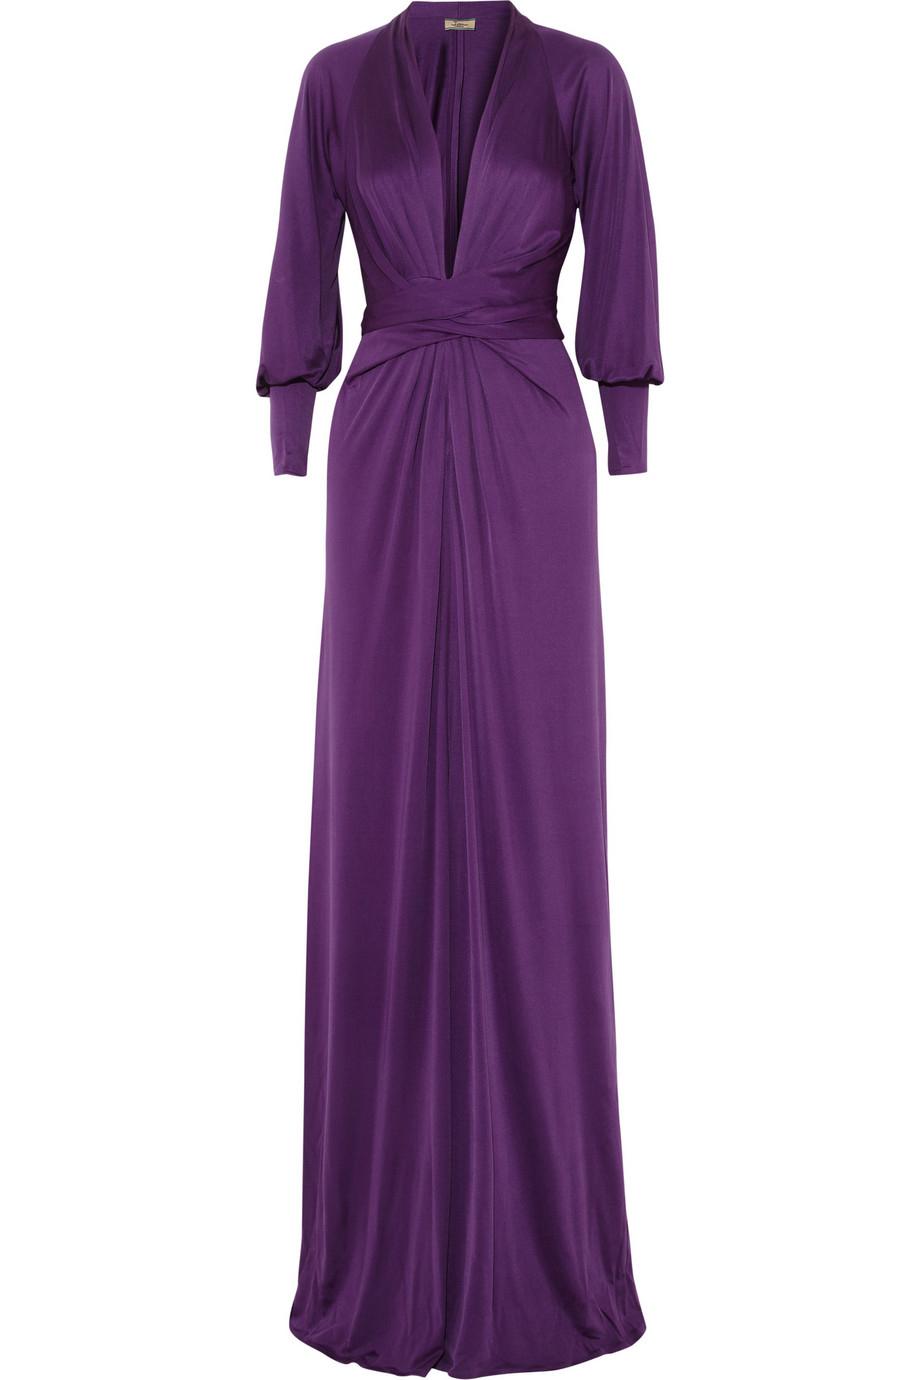 Issa Silk Jersey Maxi Dress in Purple | Lyst